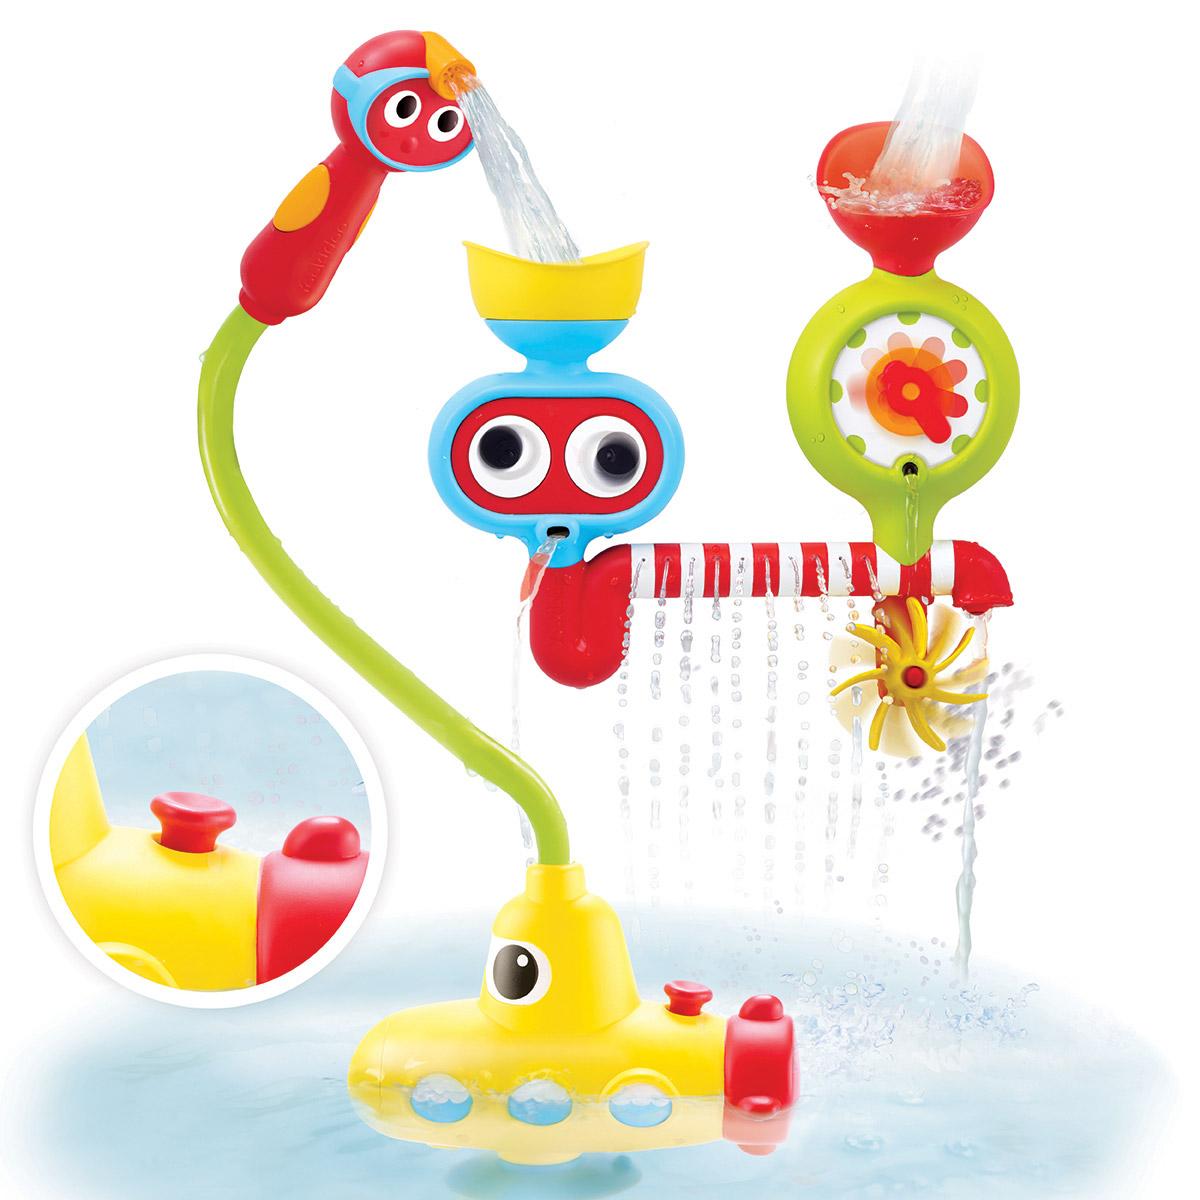 Yookidoo Игрушка для ванной Подводная лодка и поливочная станция40139Игрушка для ванной Yookidoo Подводная лодка и поливочная станция прекрасно подходит для того, чтобы превратить процесс мытья ребенка в забавную игру. В игрушку встроен насос, работающий от батареек. Подводная лодка - насос набирает воду и через шланг ее можно наливать в любую из двух форм-воронок, которые закрепляются на стенке ванны. Распылитель воды на конце шланга выполнен так, чтобы легко помещаться в детской руке. Игрушка способствует самостоятельной игре, стимулирует процесс познания, тренирует причинно-следственного мышление, кроме того, она помогает развитию мелкой моторики, координации движений, а также освоению навыков памяти, зрительного и тактильного восприятия. Необходимо купить 4 батарейки напряжением 1,5V типа АА (не входят в комплект).